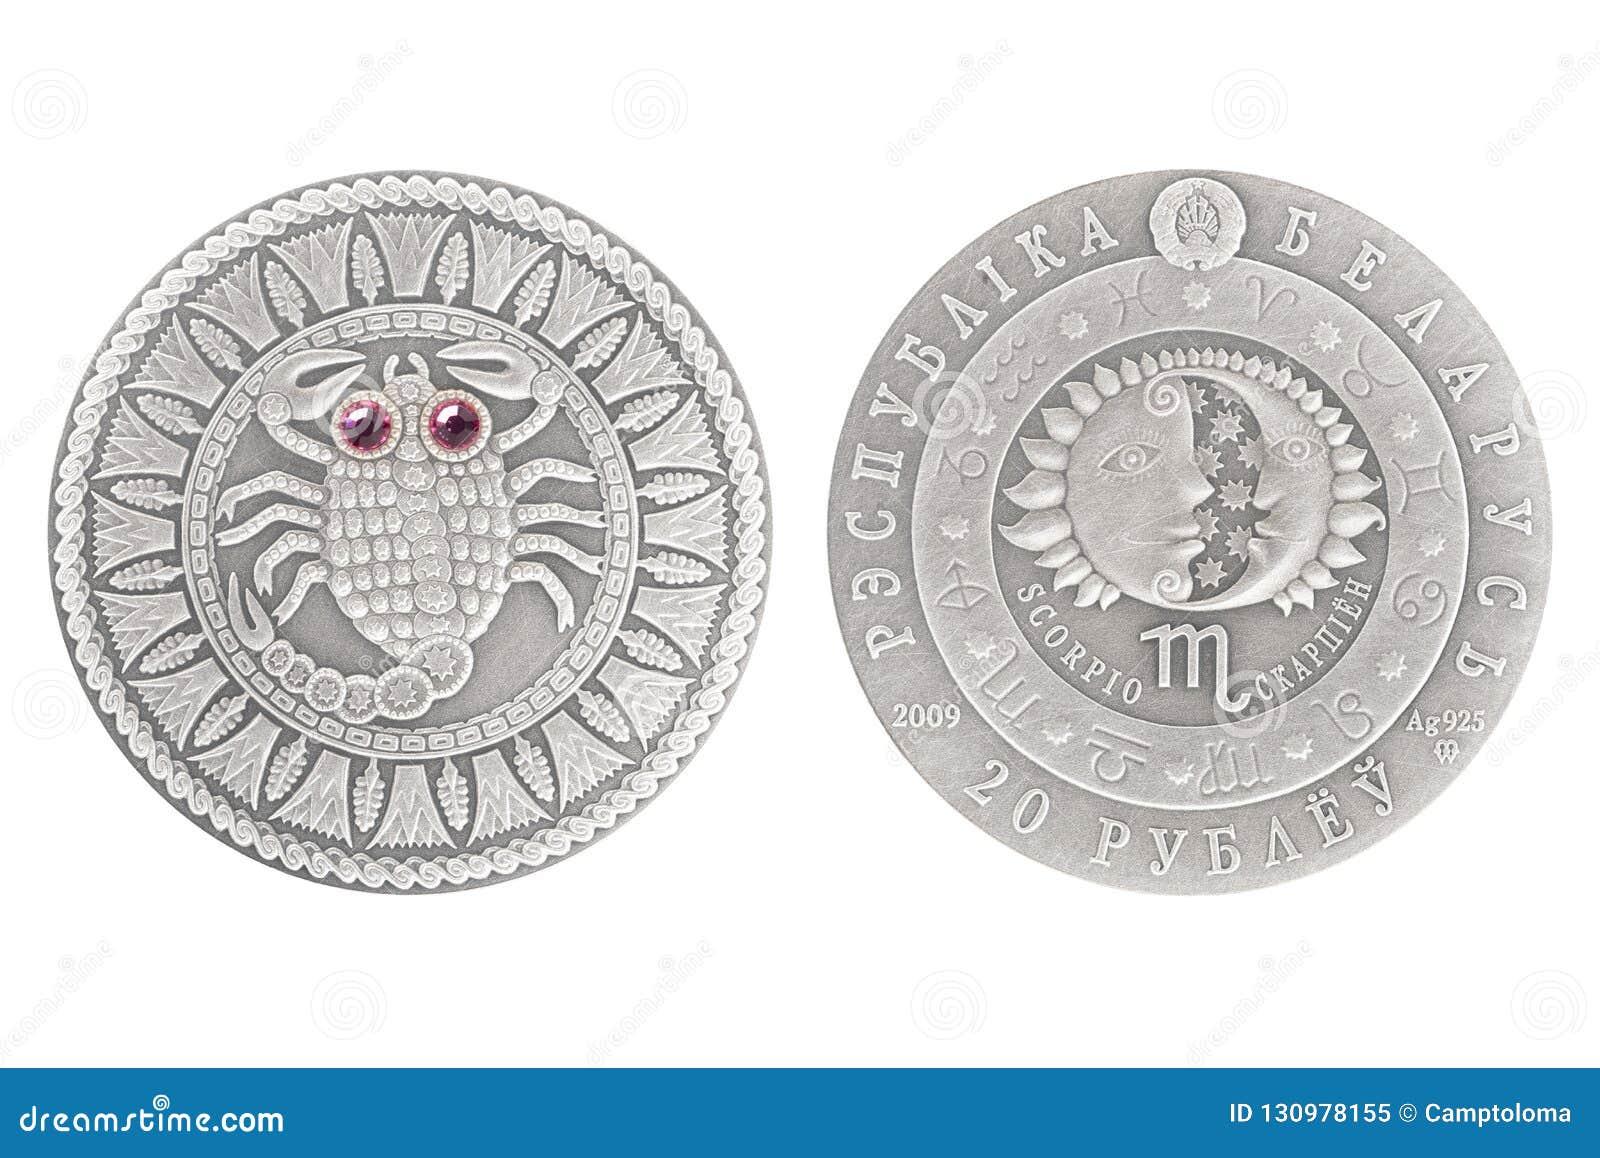 Moneda de plata de Bielorrusia del escorpión